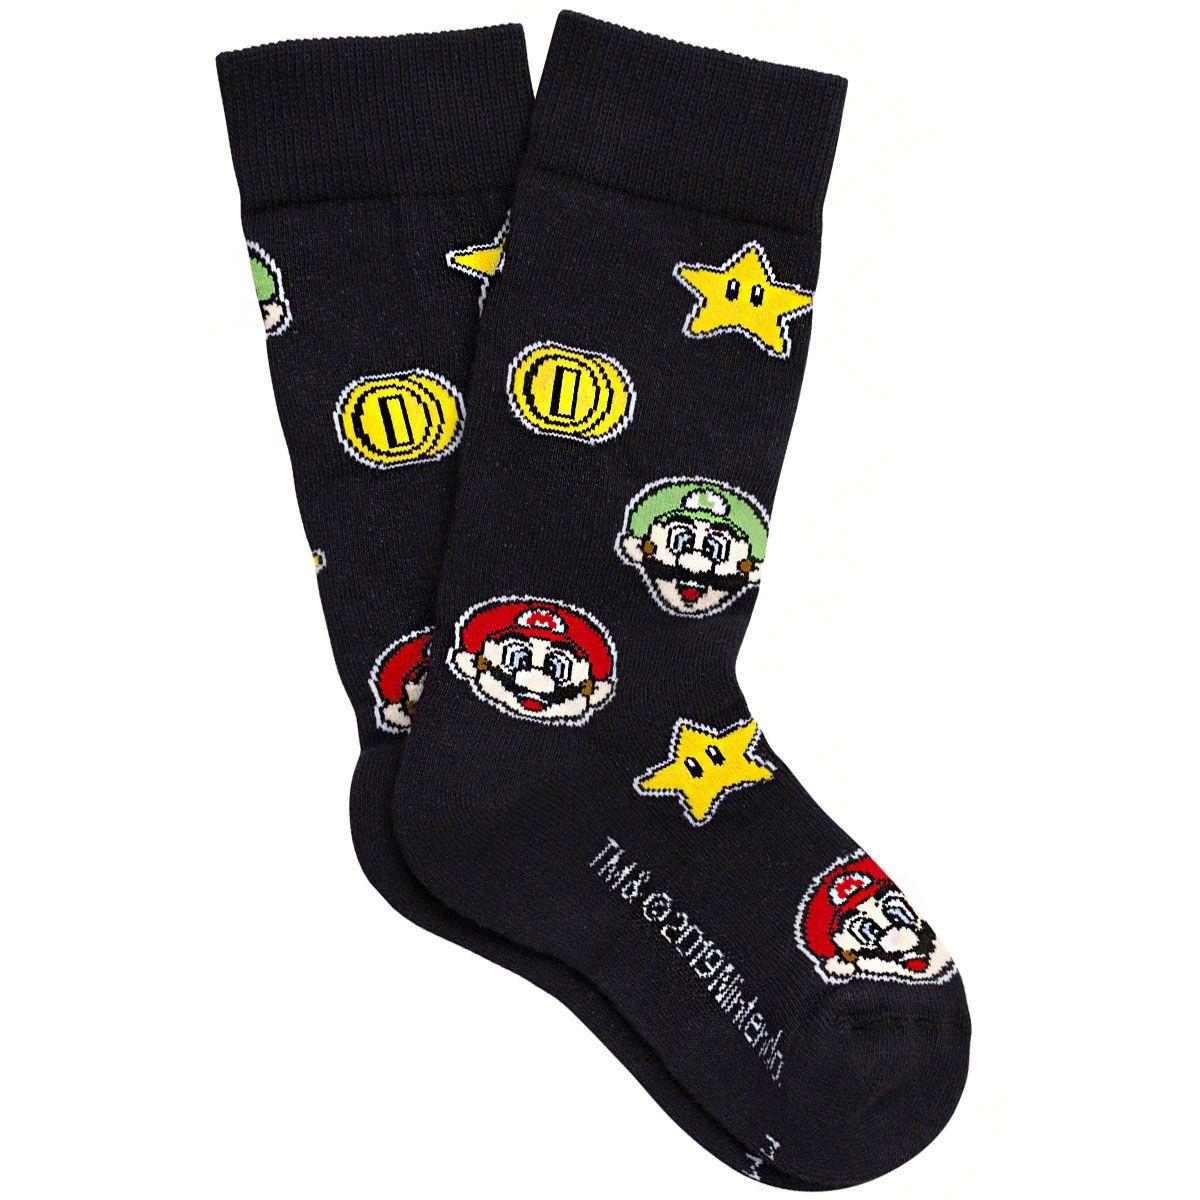 Kit com 3 pares de meias em algodão Lupo Urban Super Mario Bros